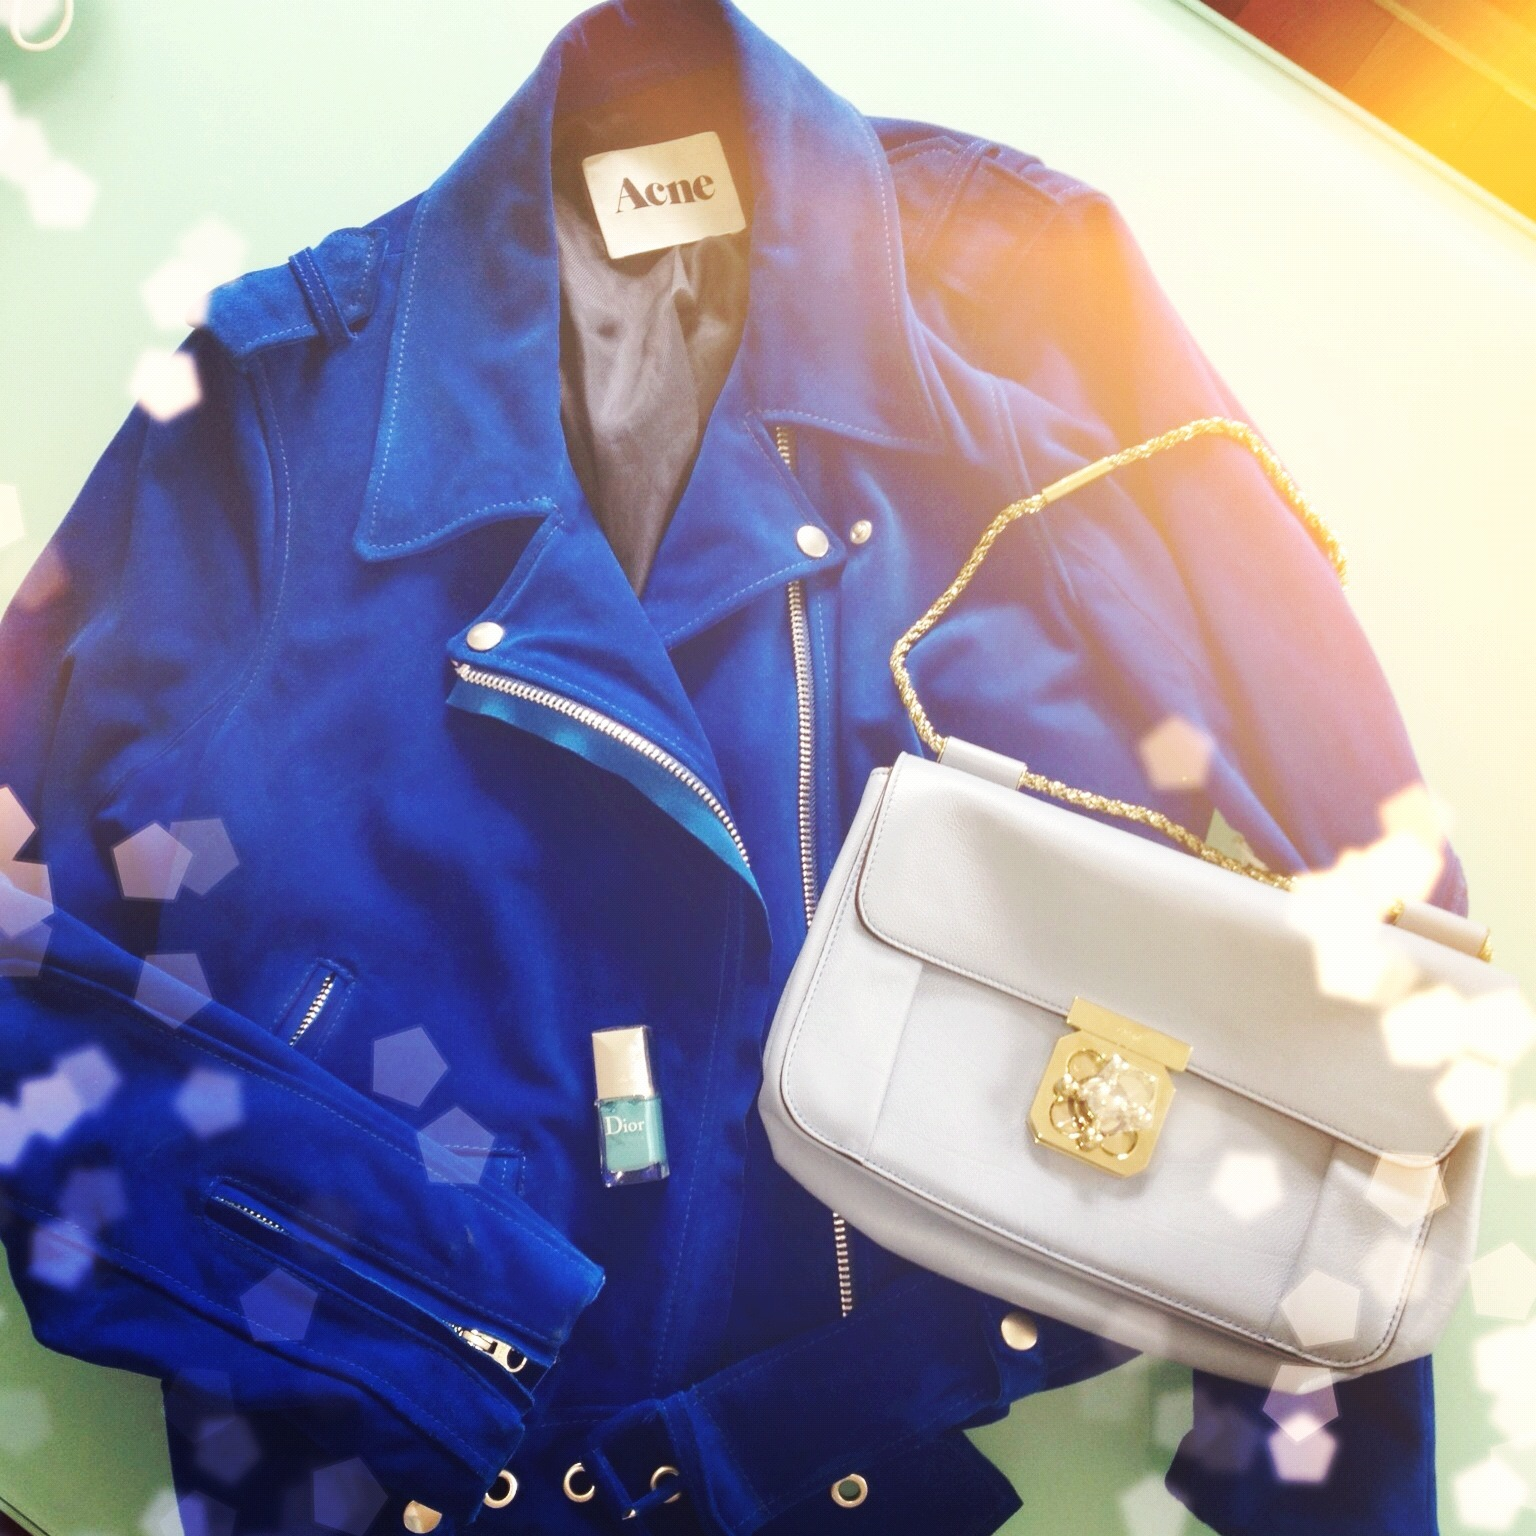 acne jacket blue chloe elsie purse bag dior nail polish uk fashion blog